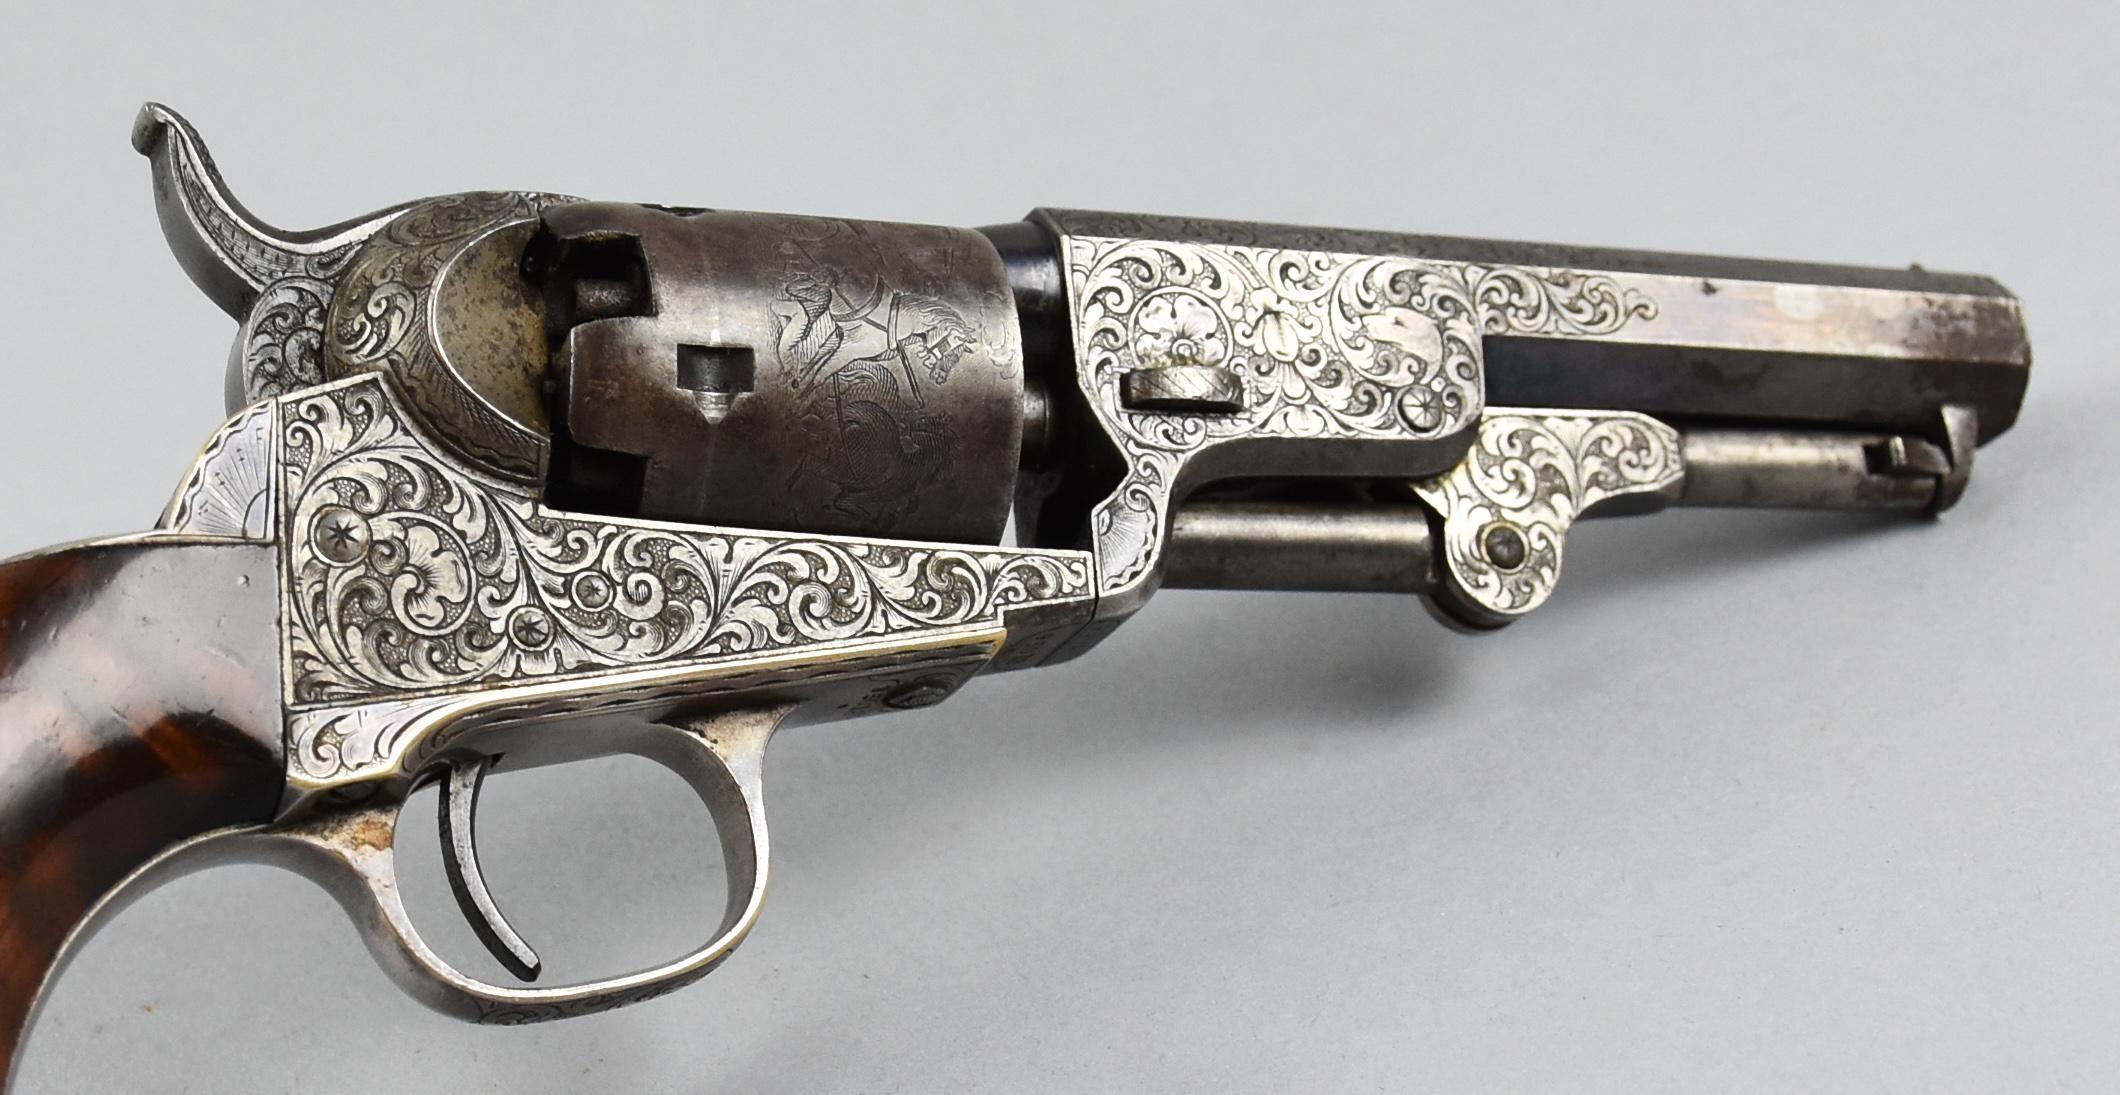 Détail du Revolver Colt Pocket de 1849 présentant sur le barillet une gravure standard figurant une diligence et des voleurs ainsi que des motifs d'enroulements © Live Auctioneers